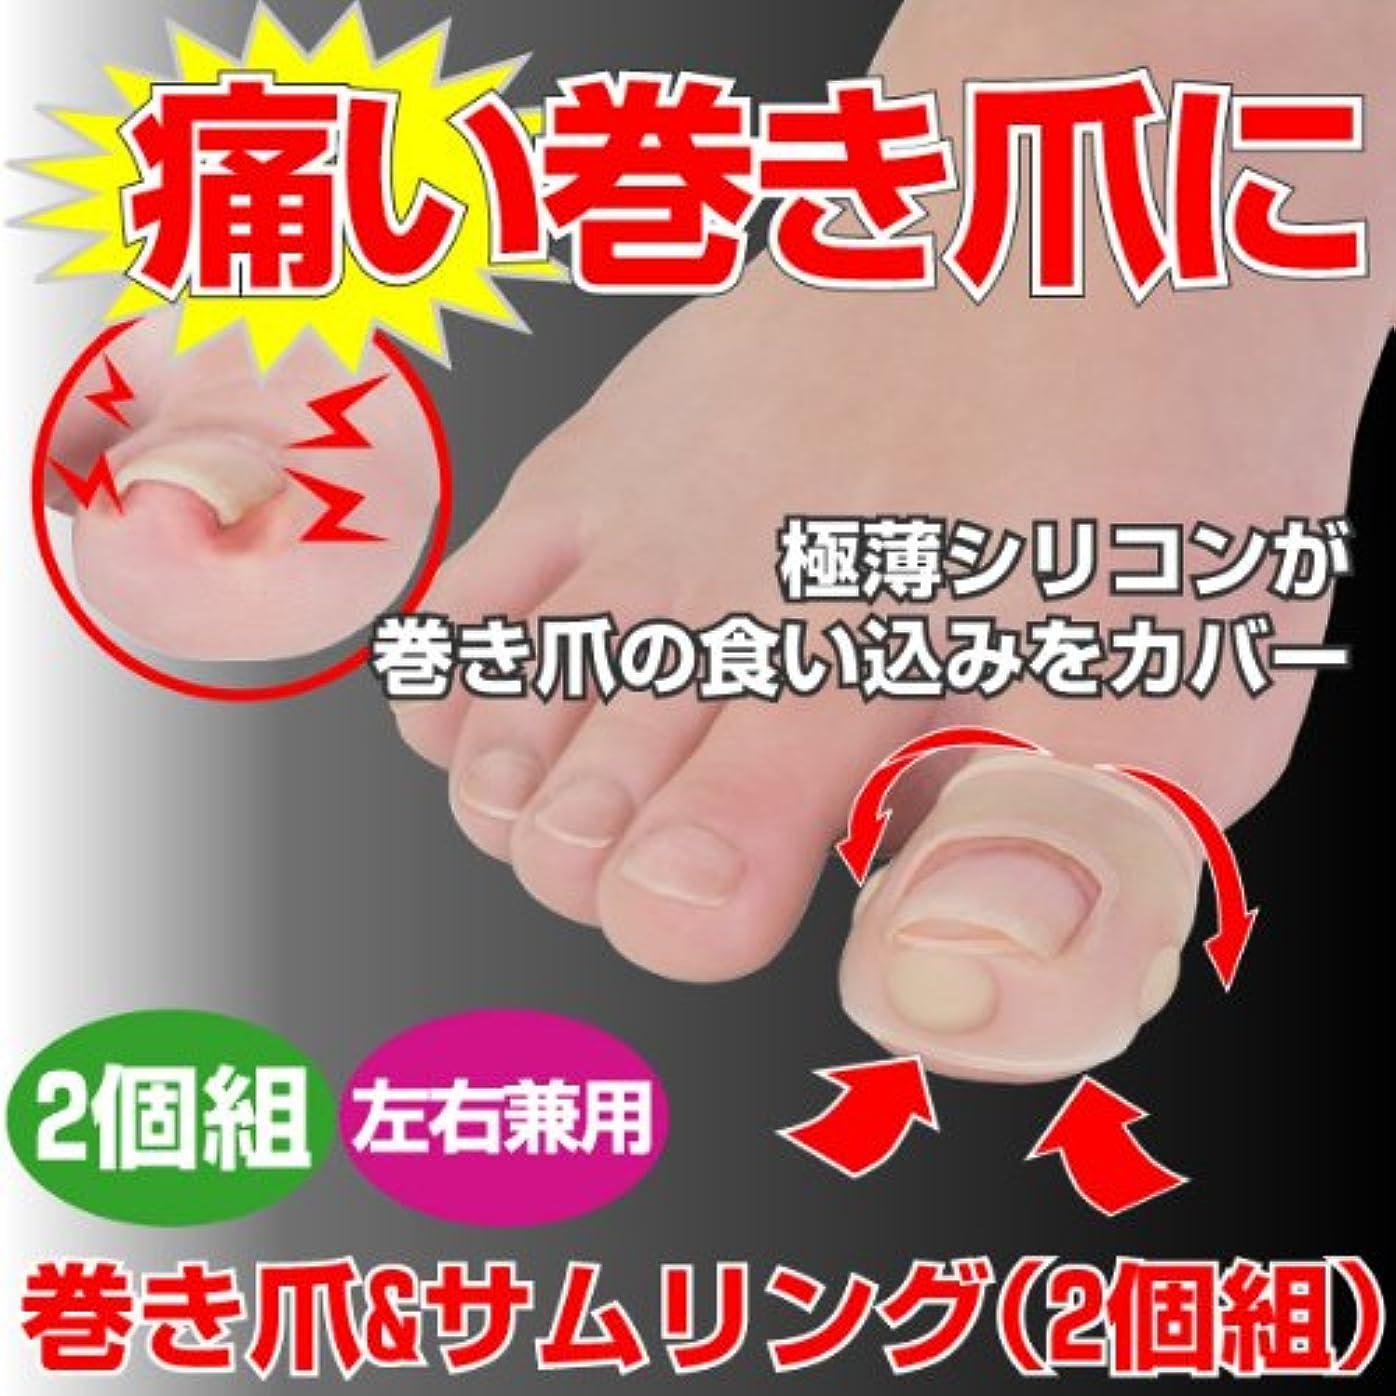 ポークコショウ乱れ巻き爪&サムリング (2個組)(巻き爪の痛みを軽減!重心を内側に補正し、下半身を引き締め!)